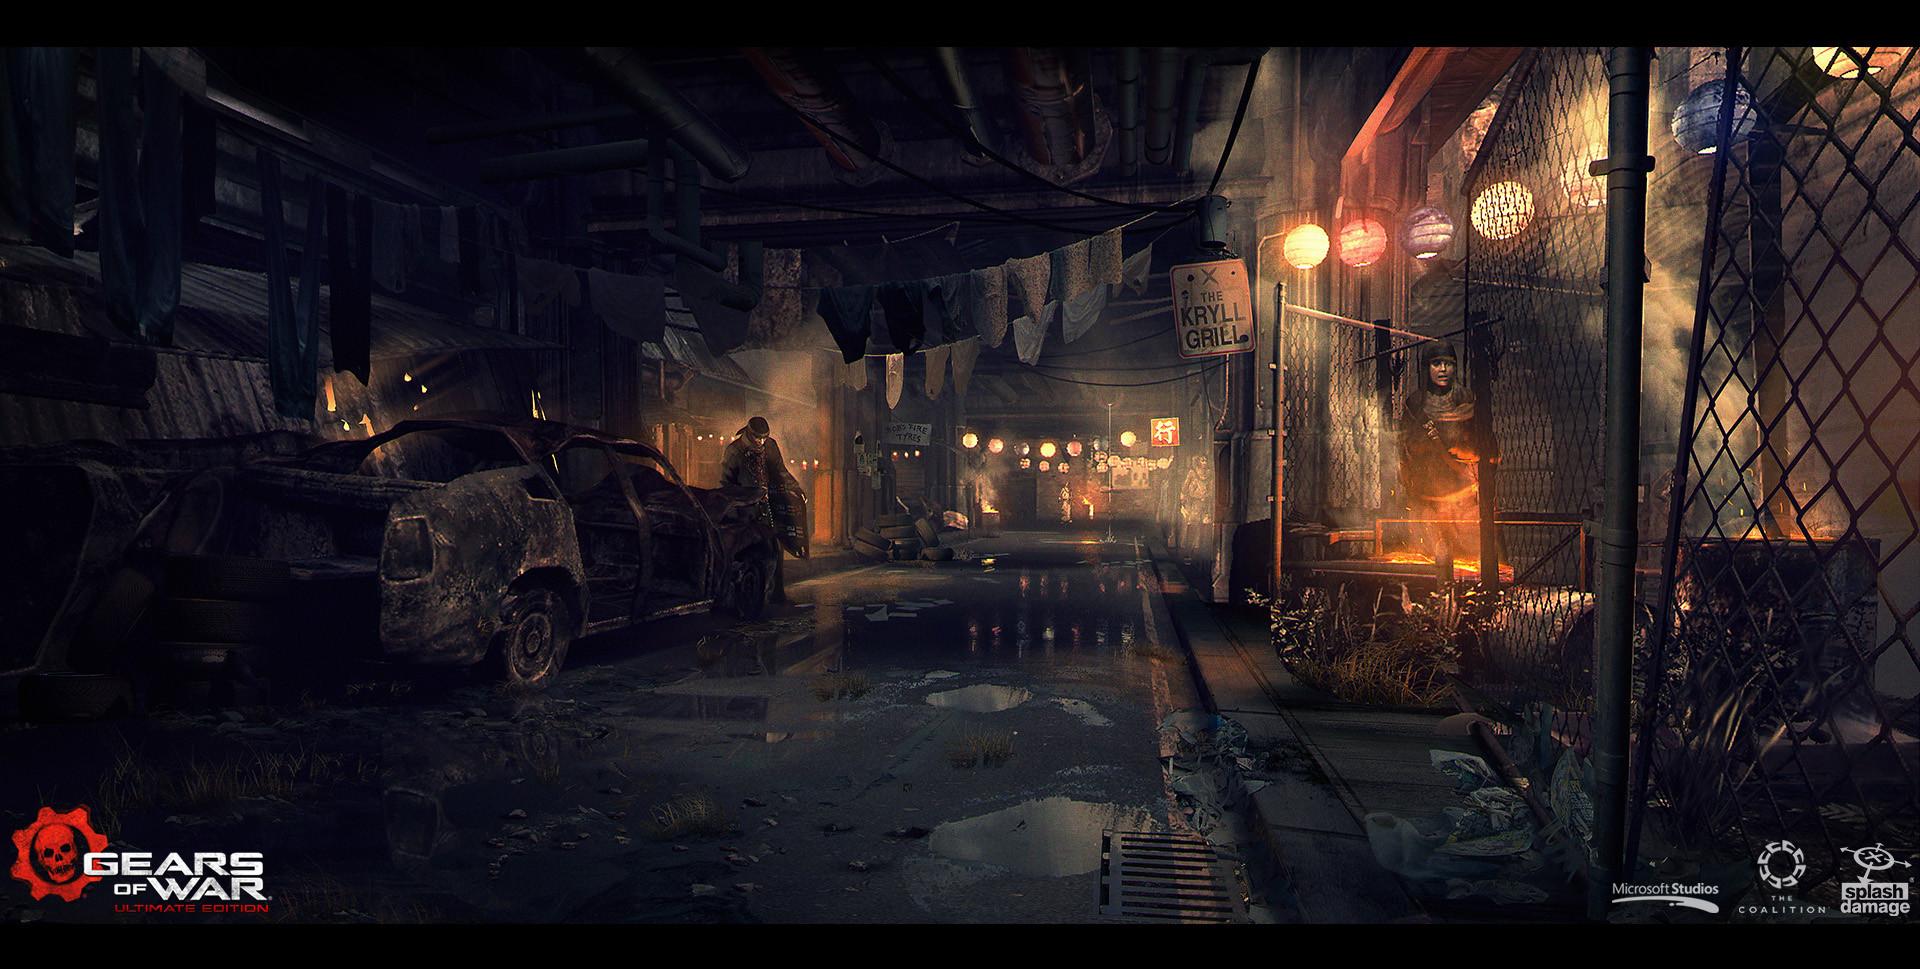 Gears of War Concept Art